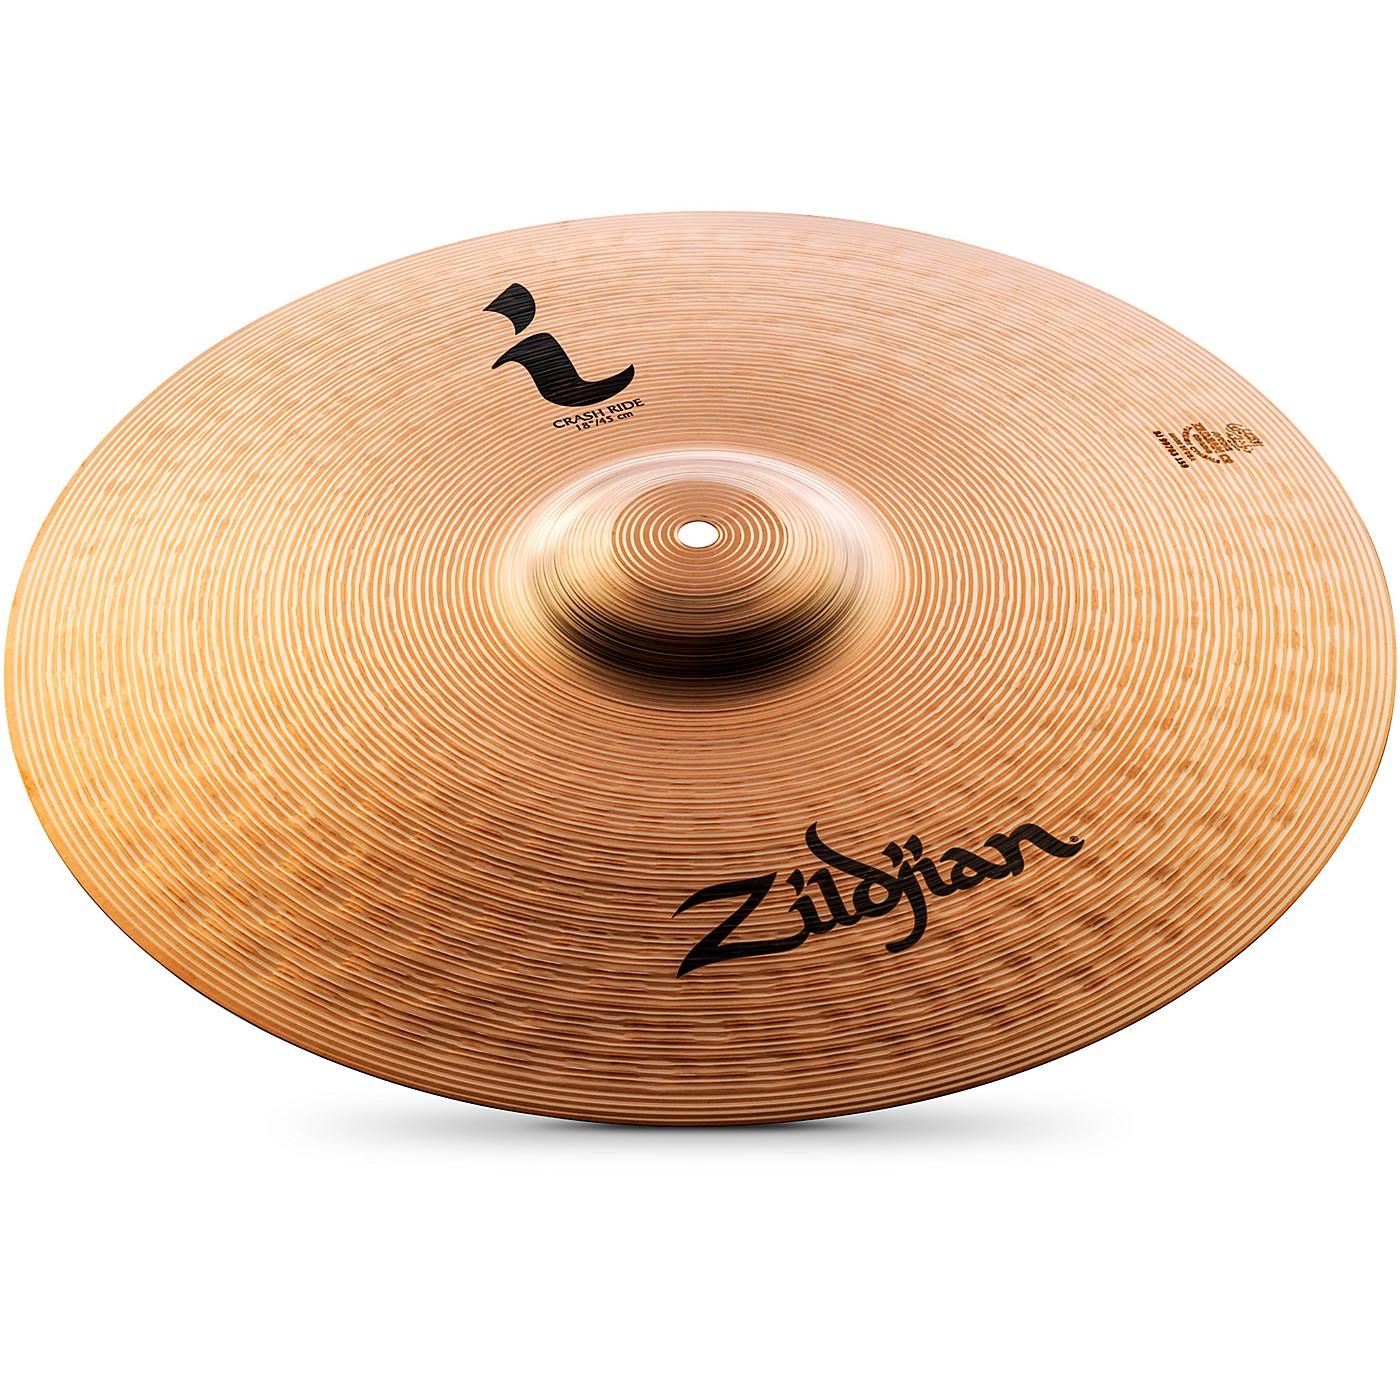 Zildjian I Series Crash Ride Cymbal thumbnail